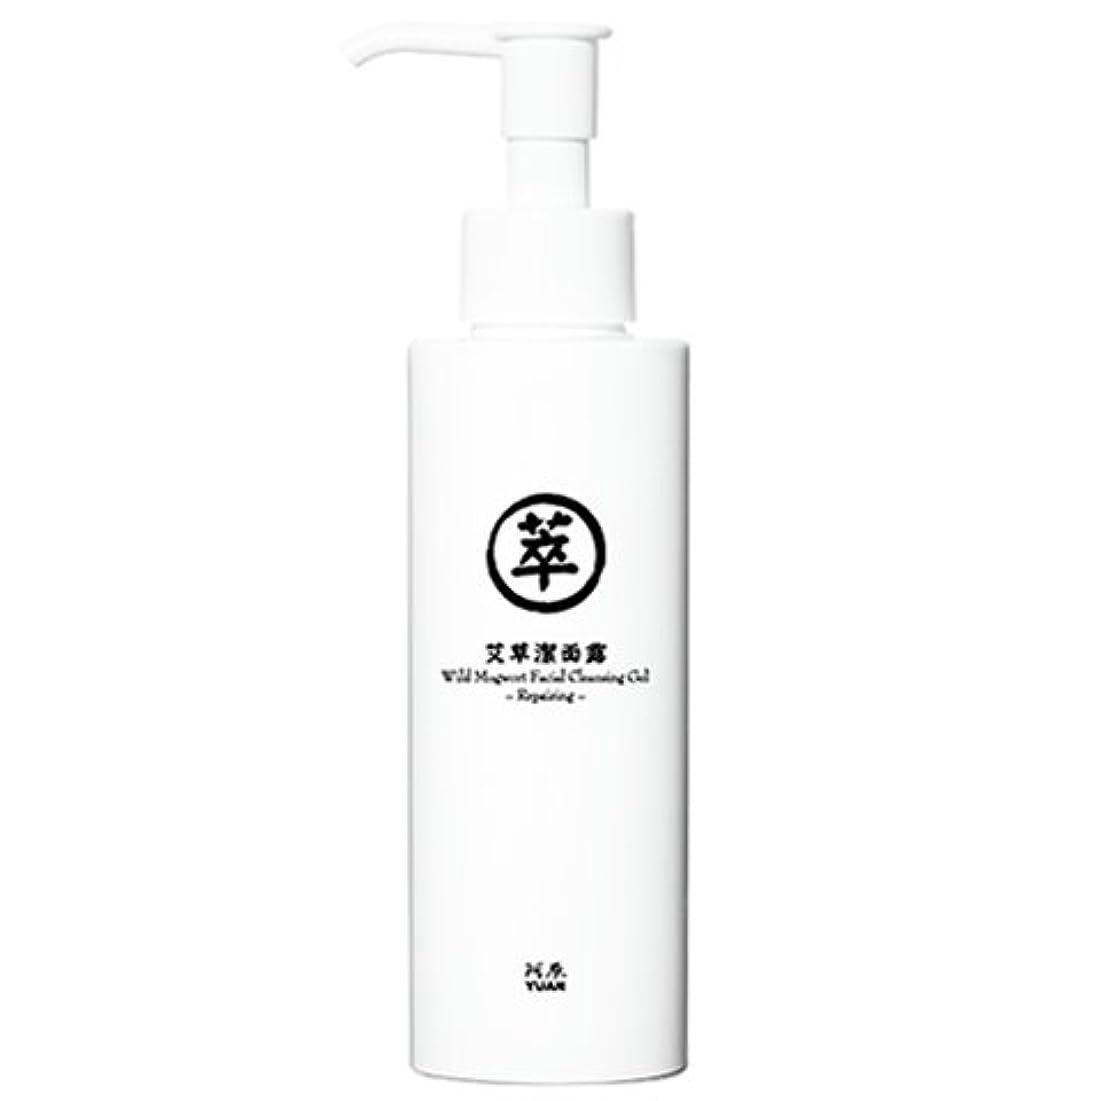 ハング帰るサイクロプスユアン(YUAN)ヨモギ洗顔ジェル 150ml(阿原 ユアンソープ 台湾コスメ)